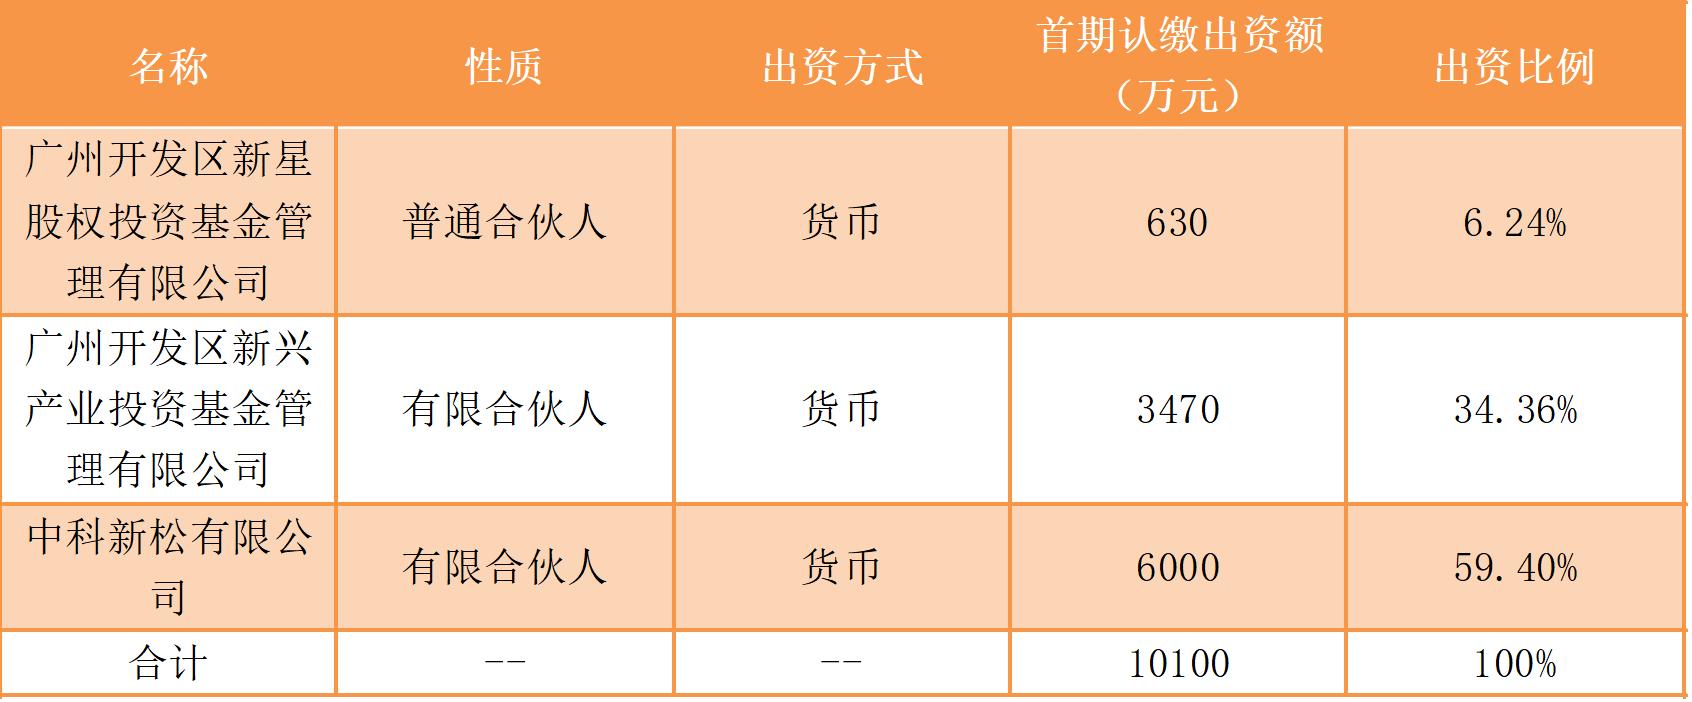 一周母基金动态:中国联通将设立5G创新母基金,国内最大油页岩产业基金在长春成立